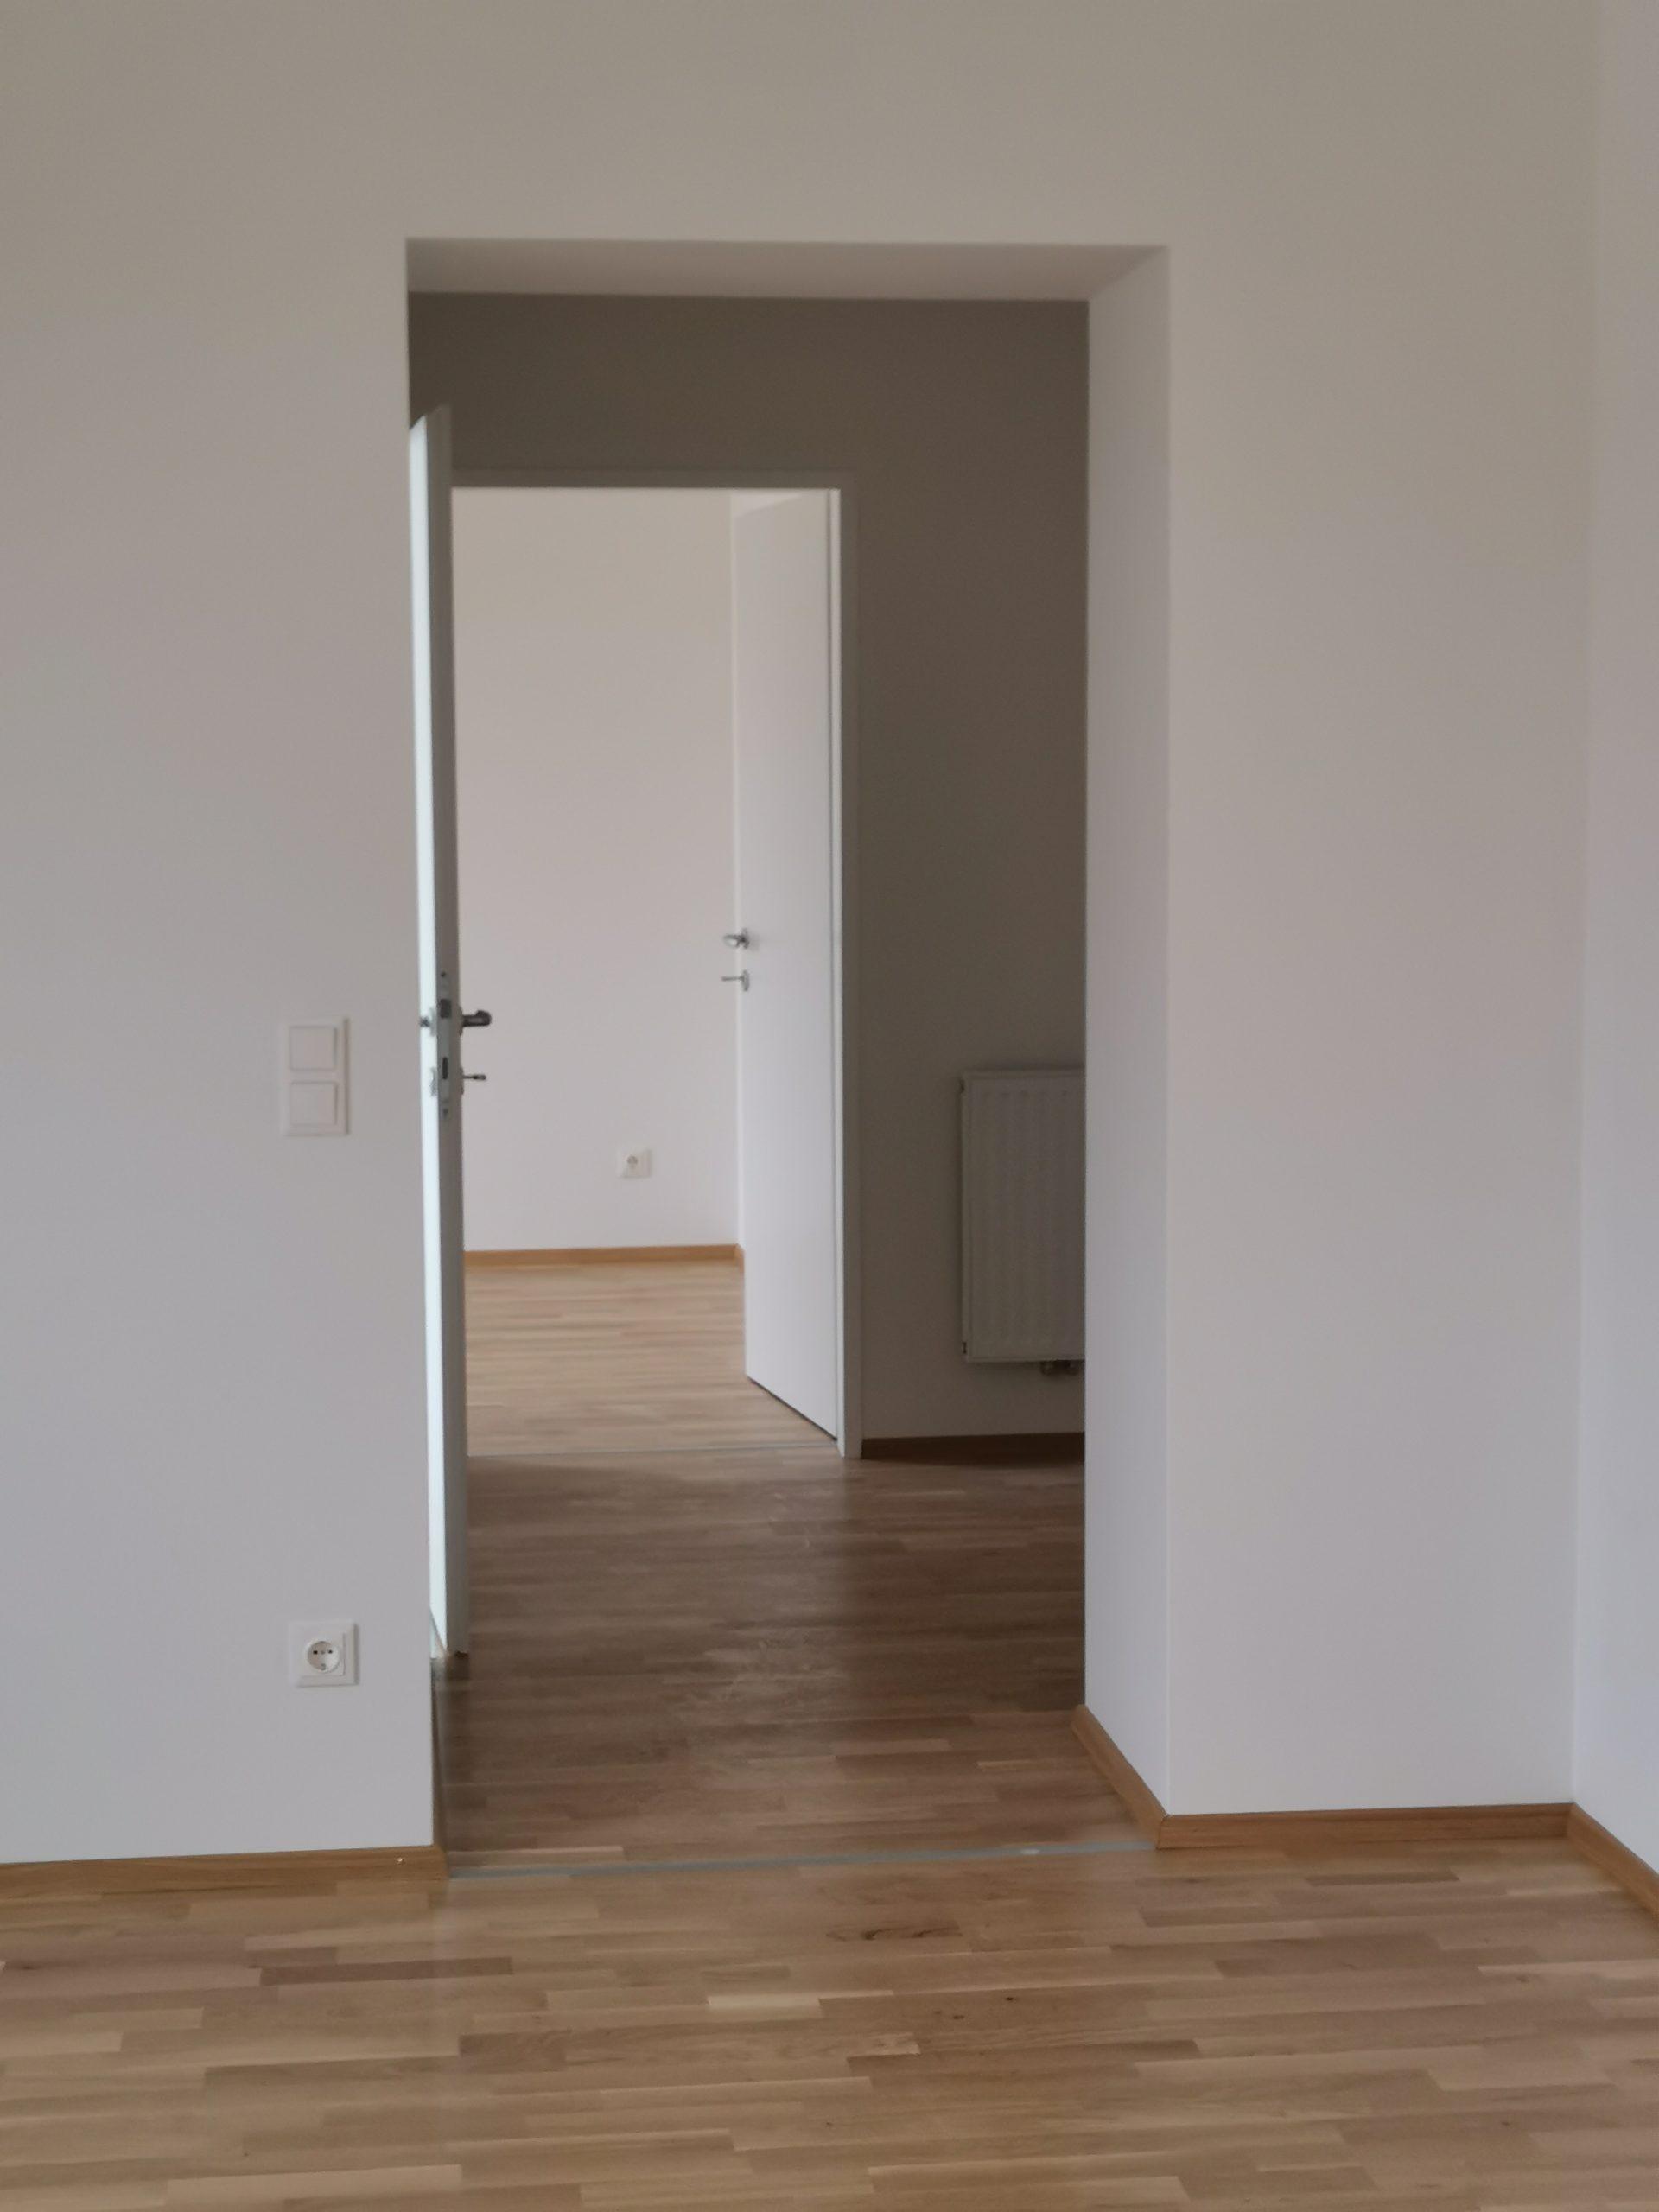 Immobilie von Kamptal in 3571 Gars am Kamp, Horn, Gars V - Top 208 #8